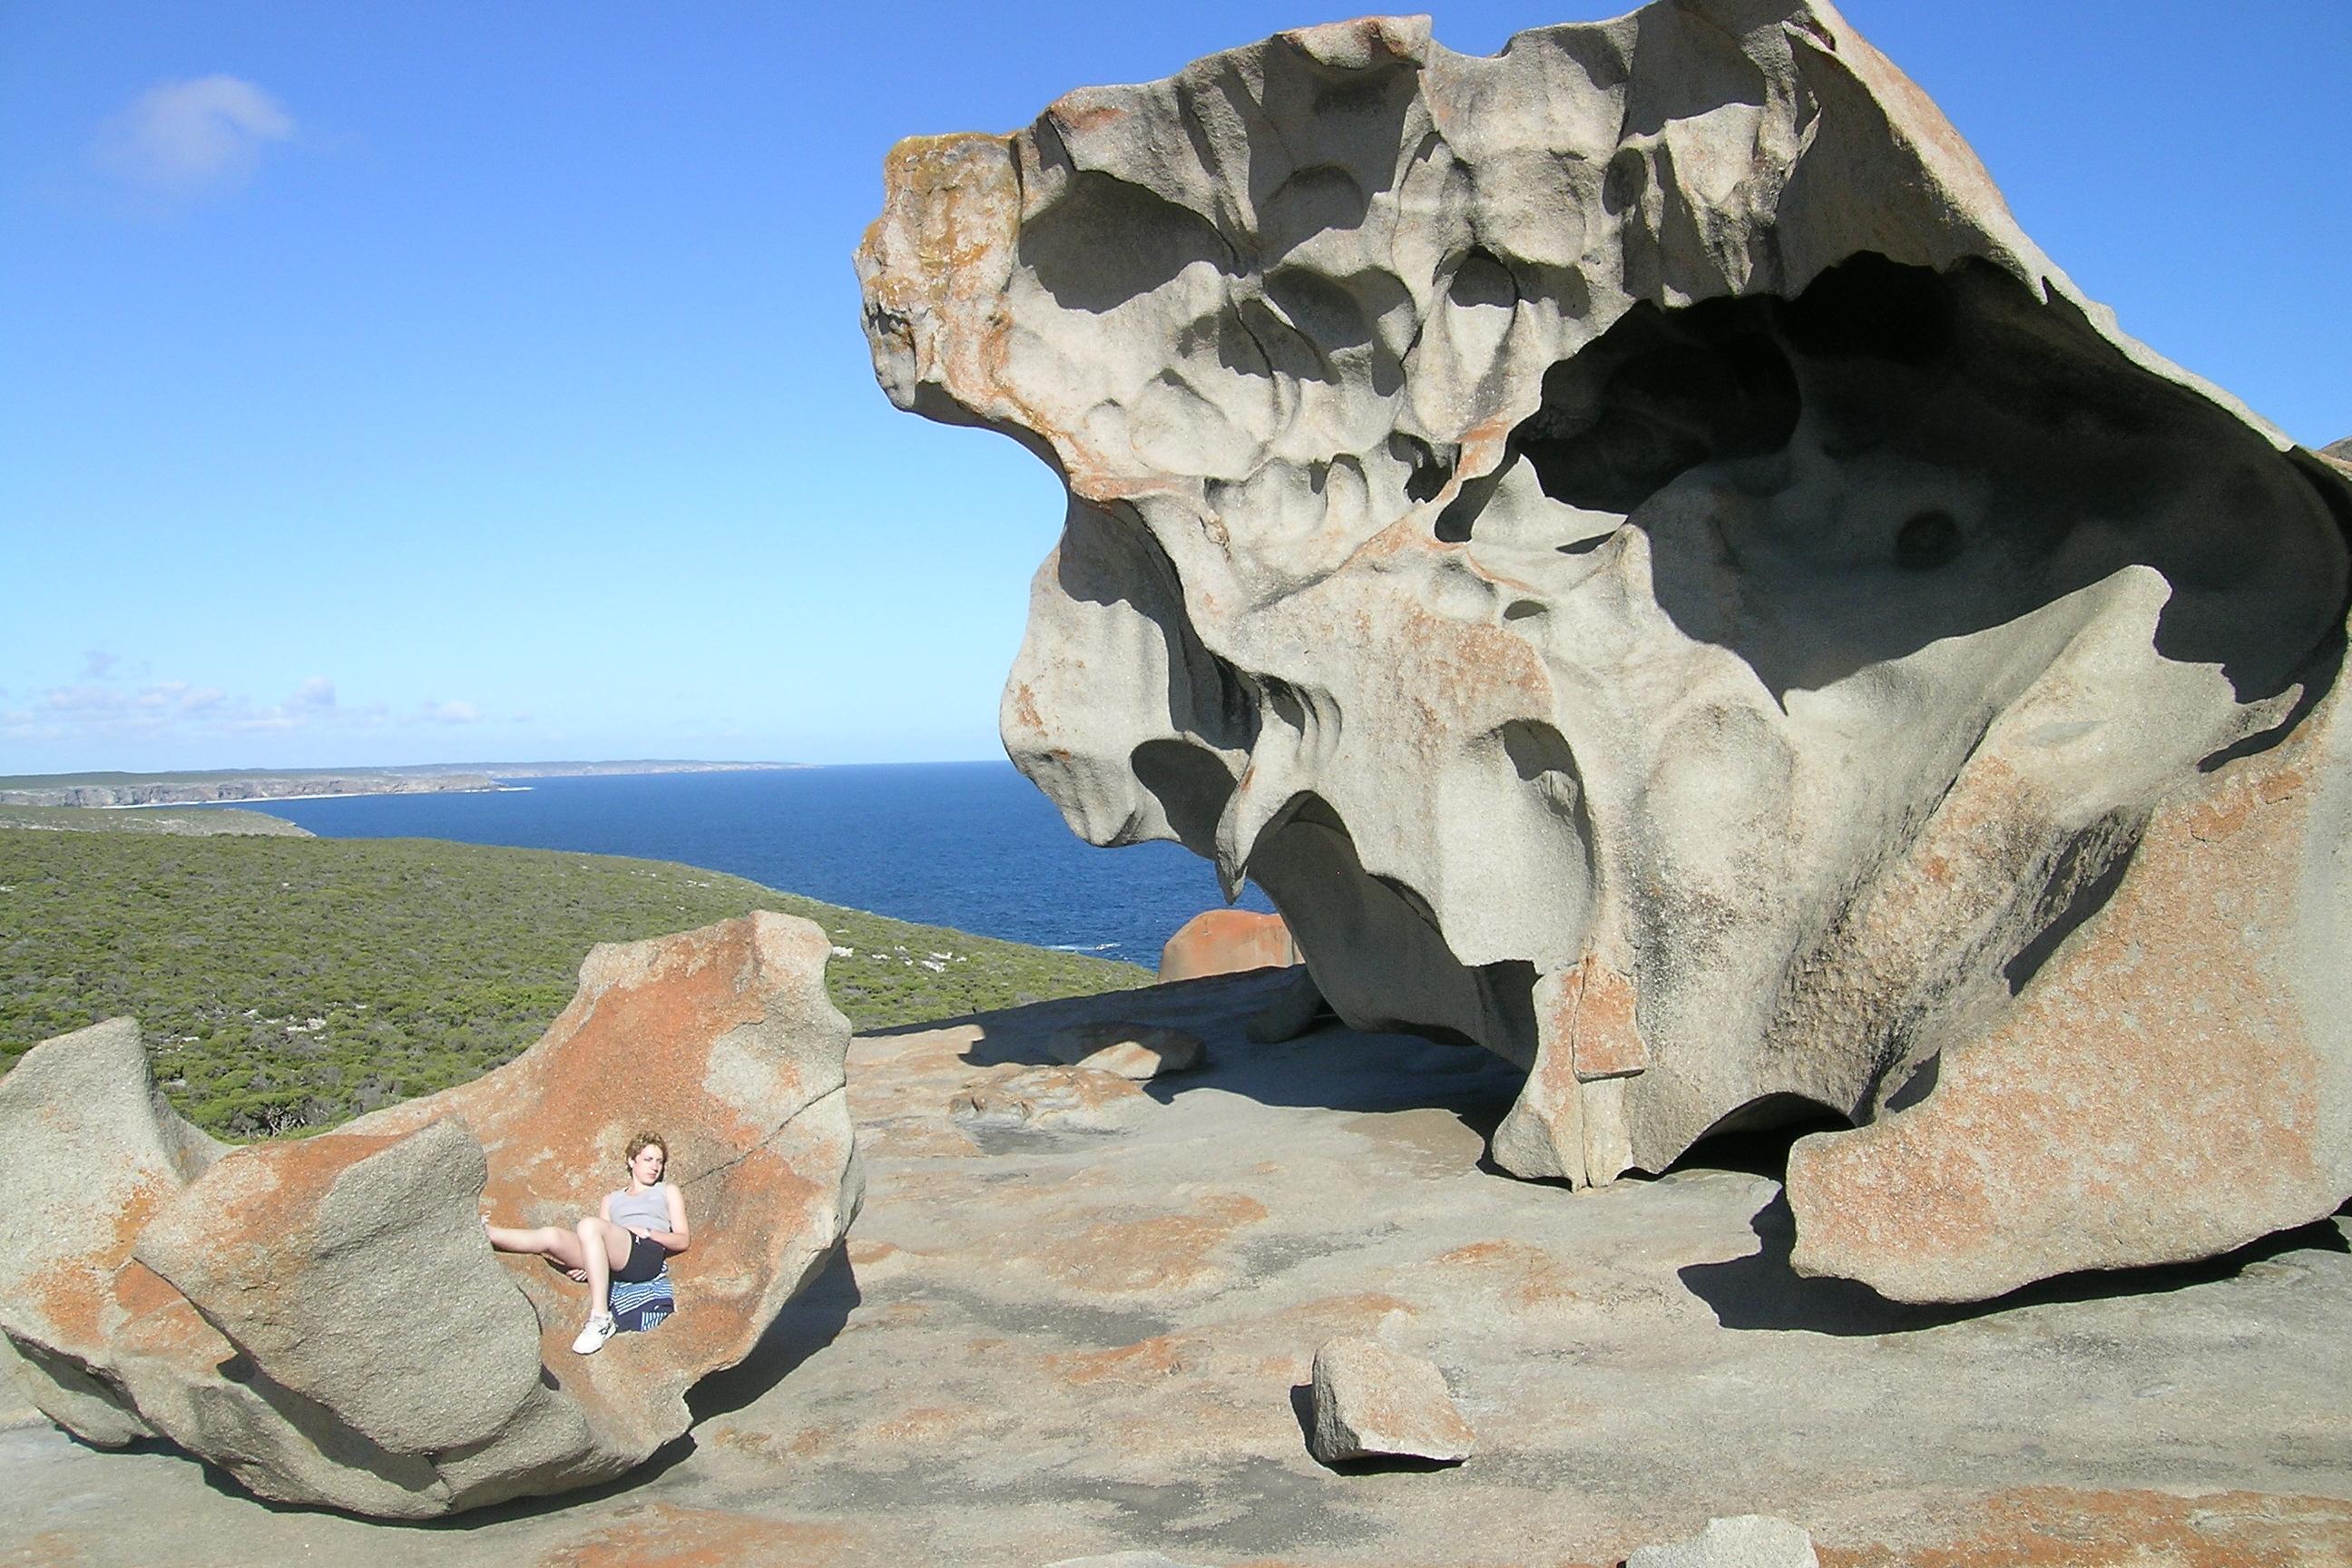 About Kangaroo Island